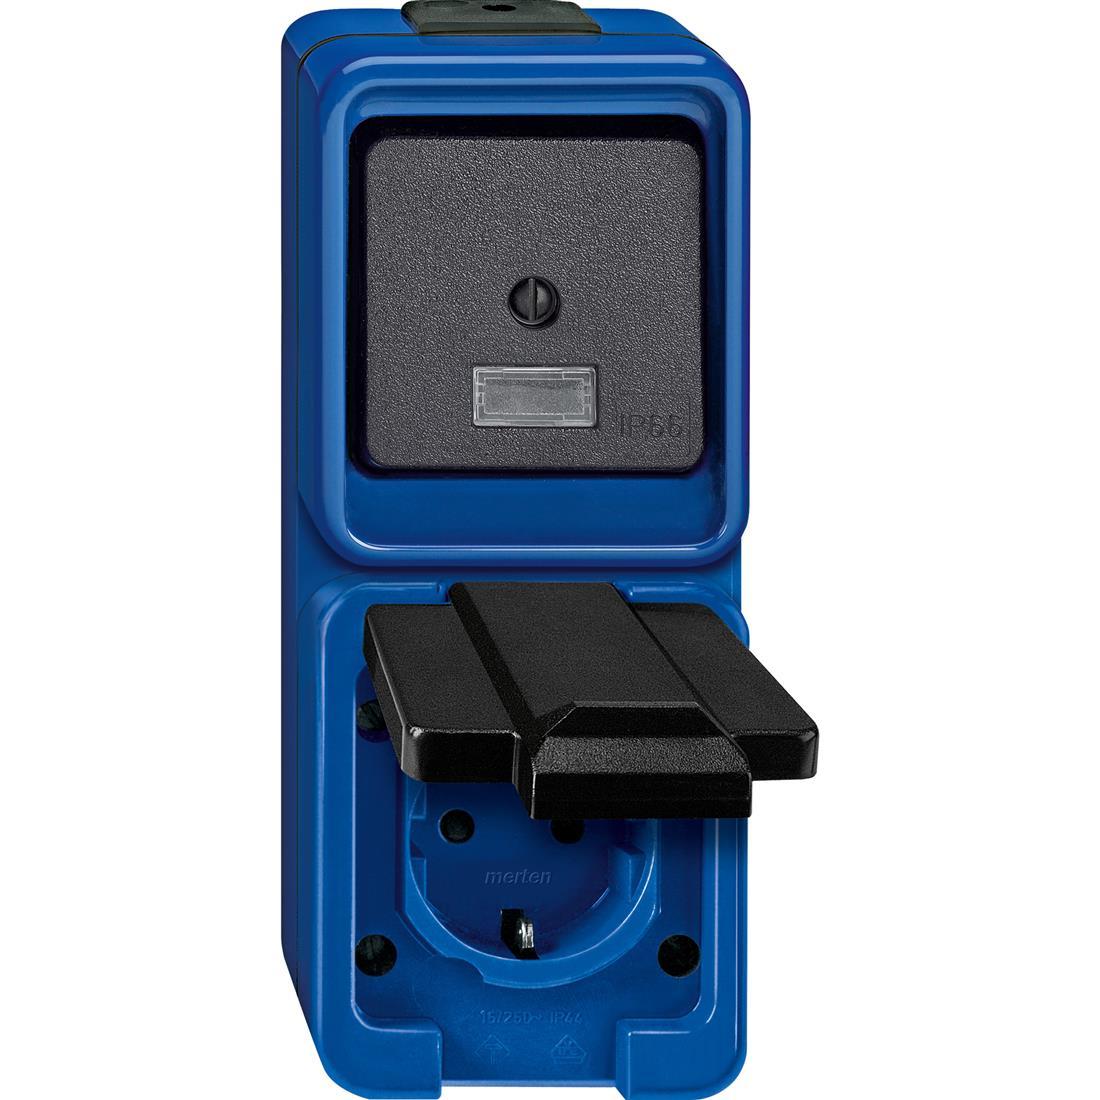 Schneider-Merten Slagvast combinatie schakelaar/wandcontactdoos - blauw (227875)